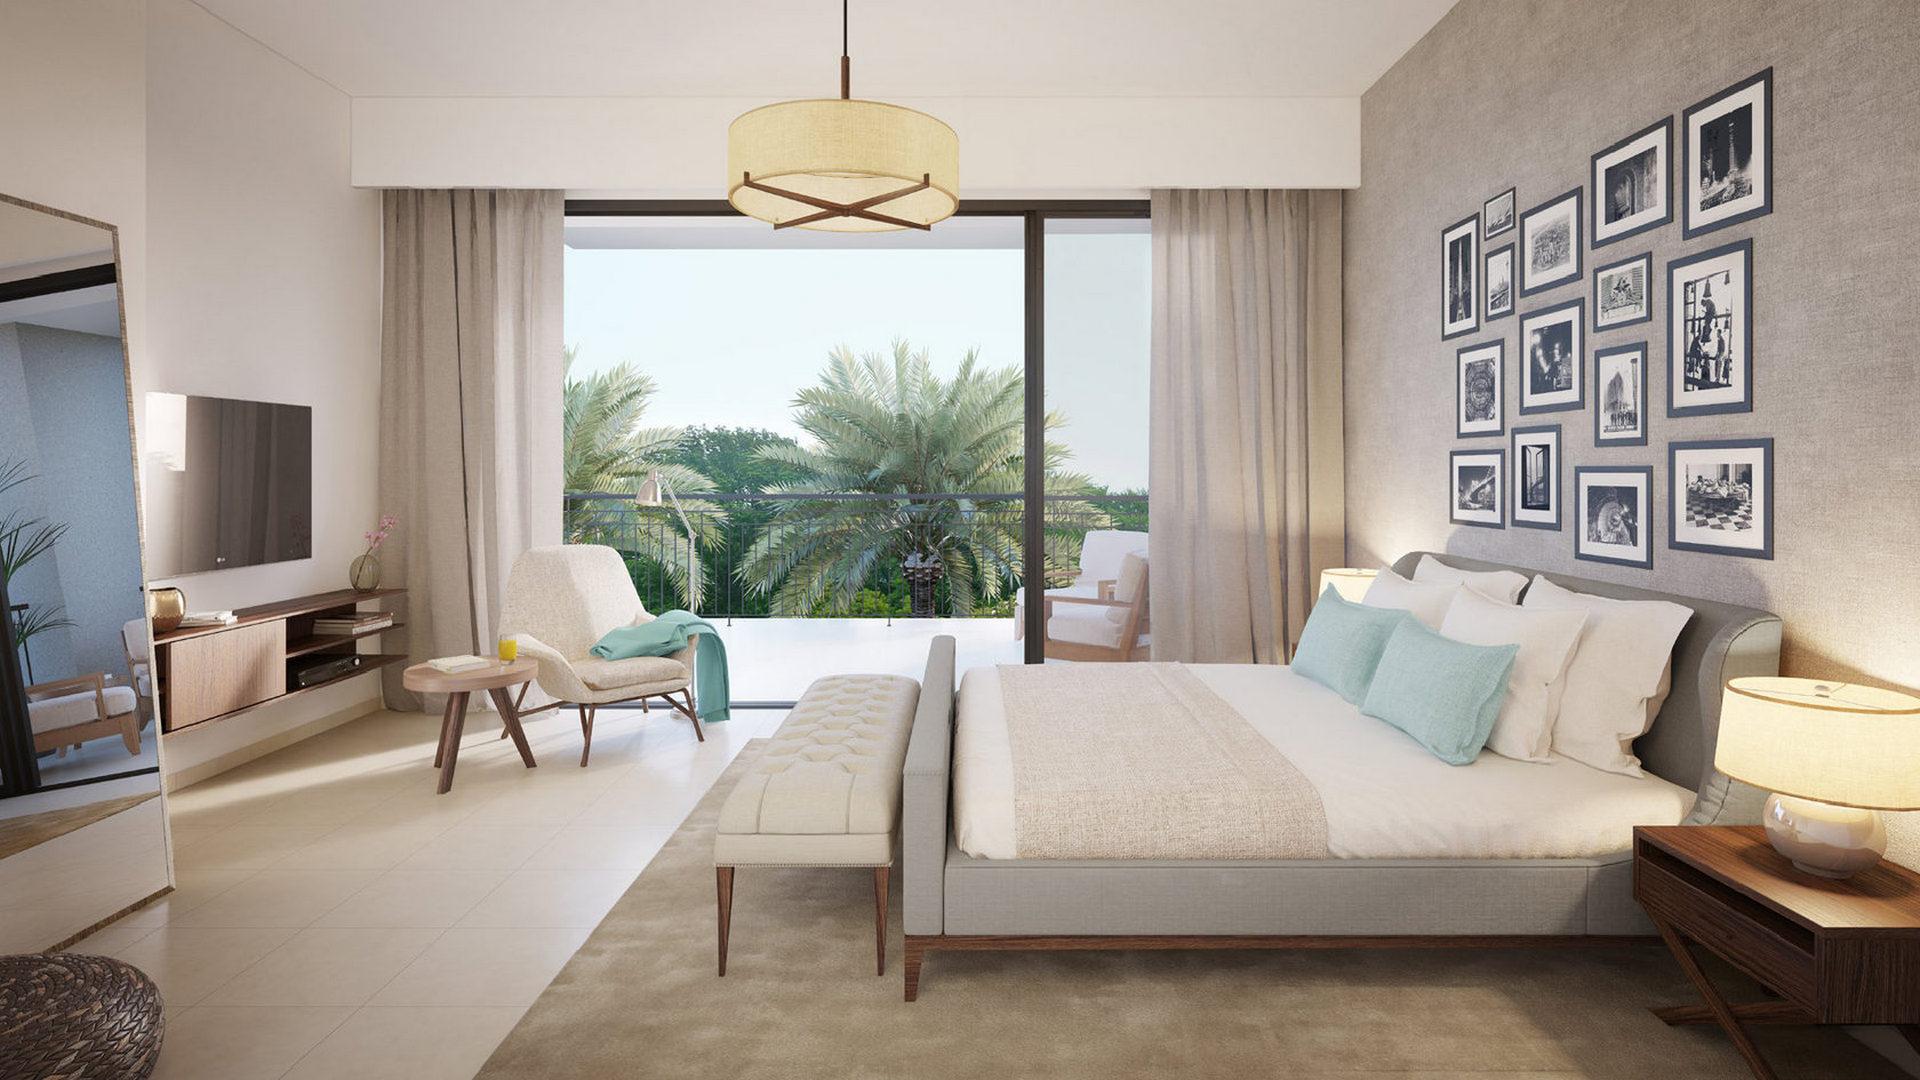 Villa en venta en Dubai, EAU, 3 dormitorios, 448 m2, № 24095 – foto 1